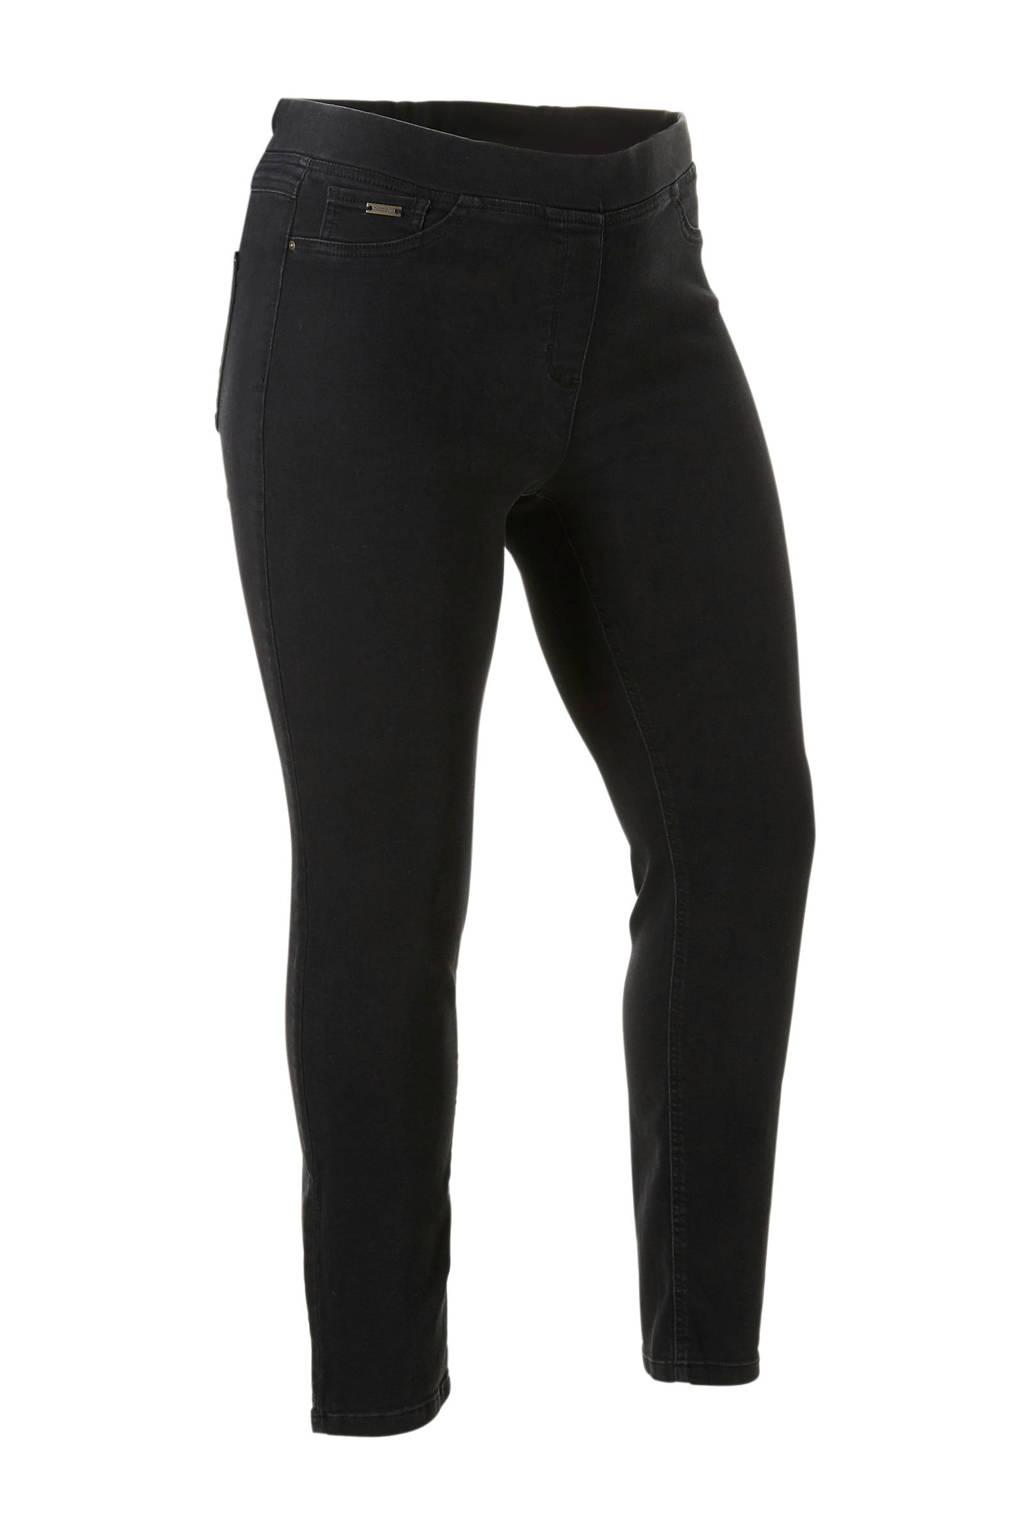 C&A The Denim XL slim fit jegging zwart, Zwart